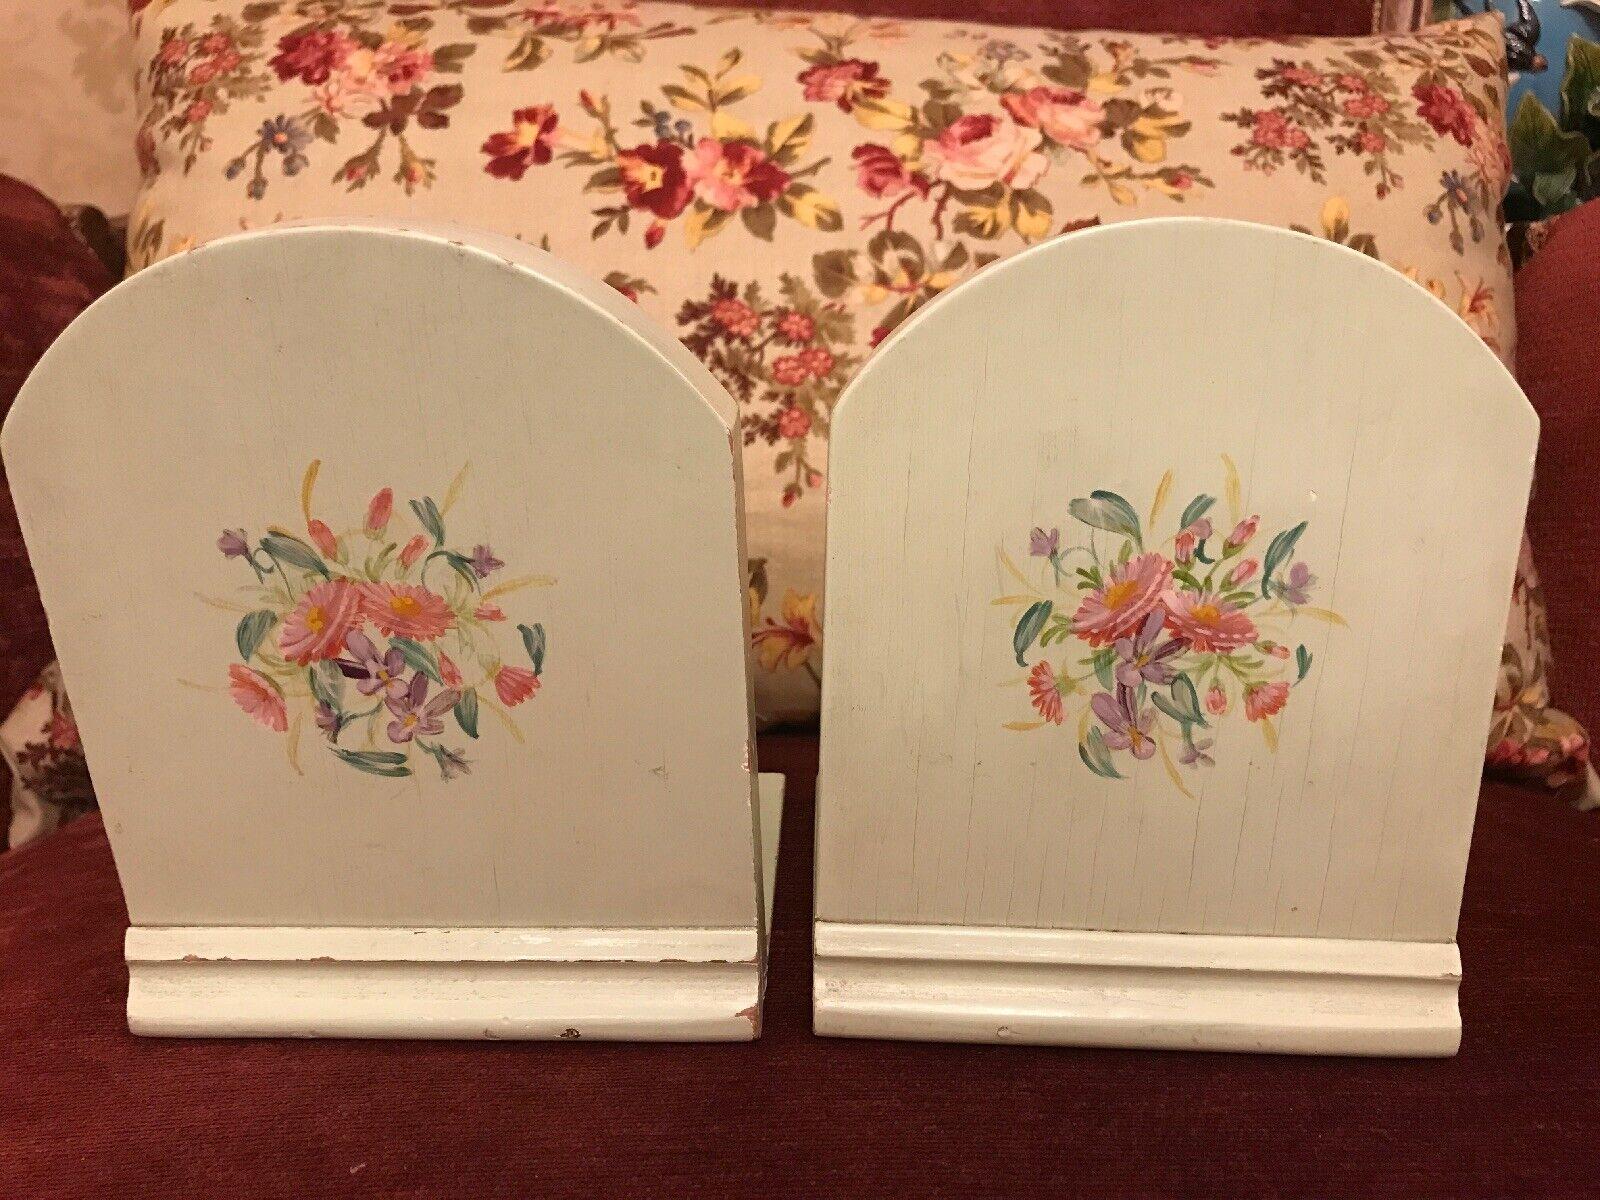 UN BELLISSIMO VINTAGE coppia di reggilibri in legno dipinto a mano